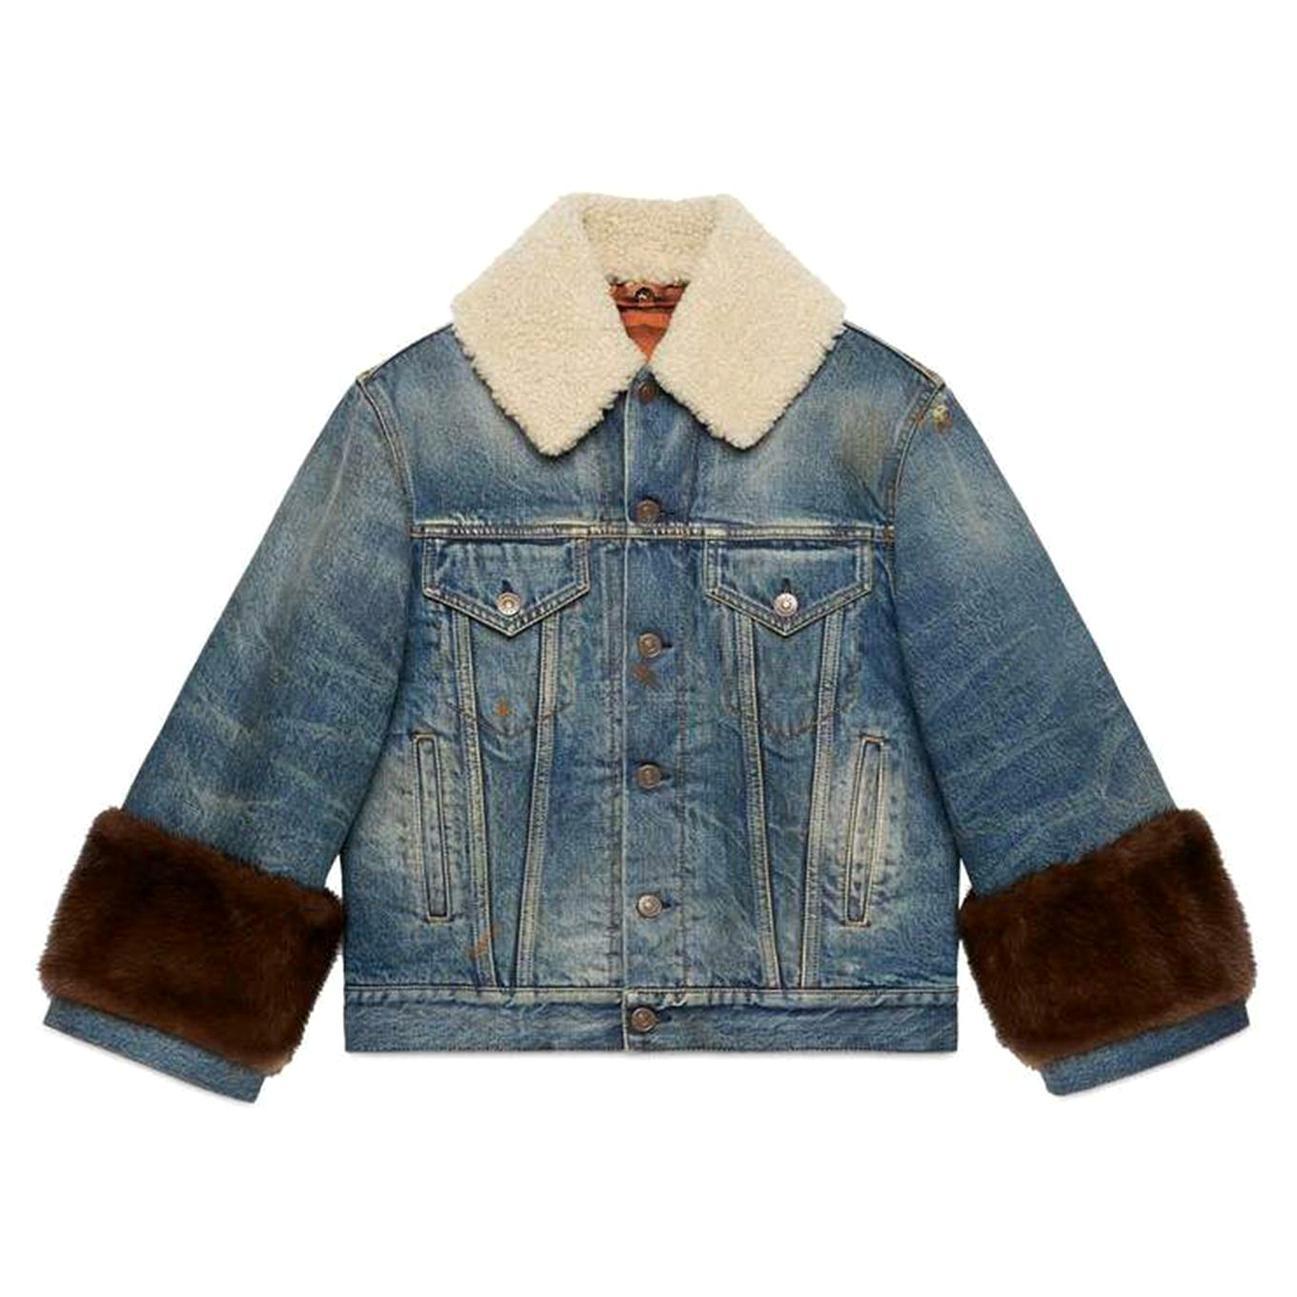 Gucci Appliquéd Mink and Shearling-Trimmed Denim Jacket